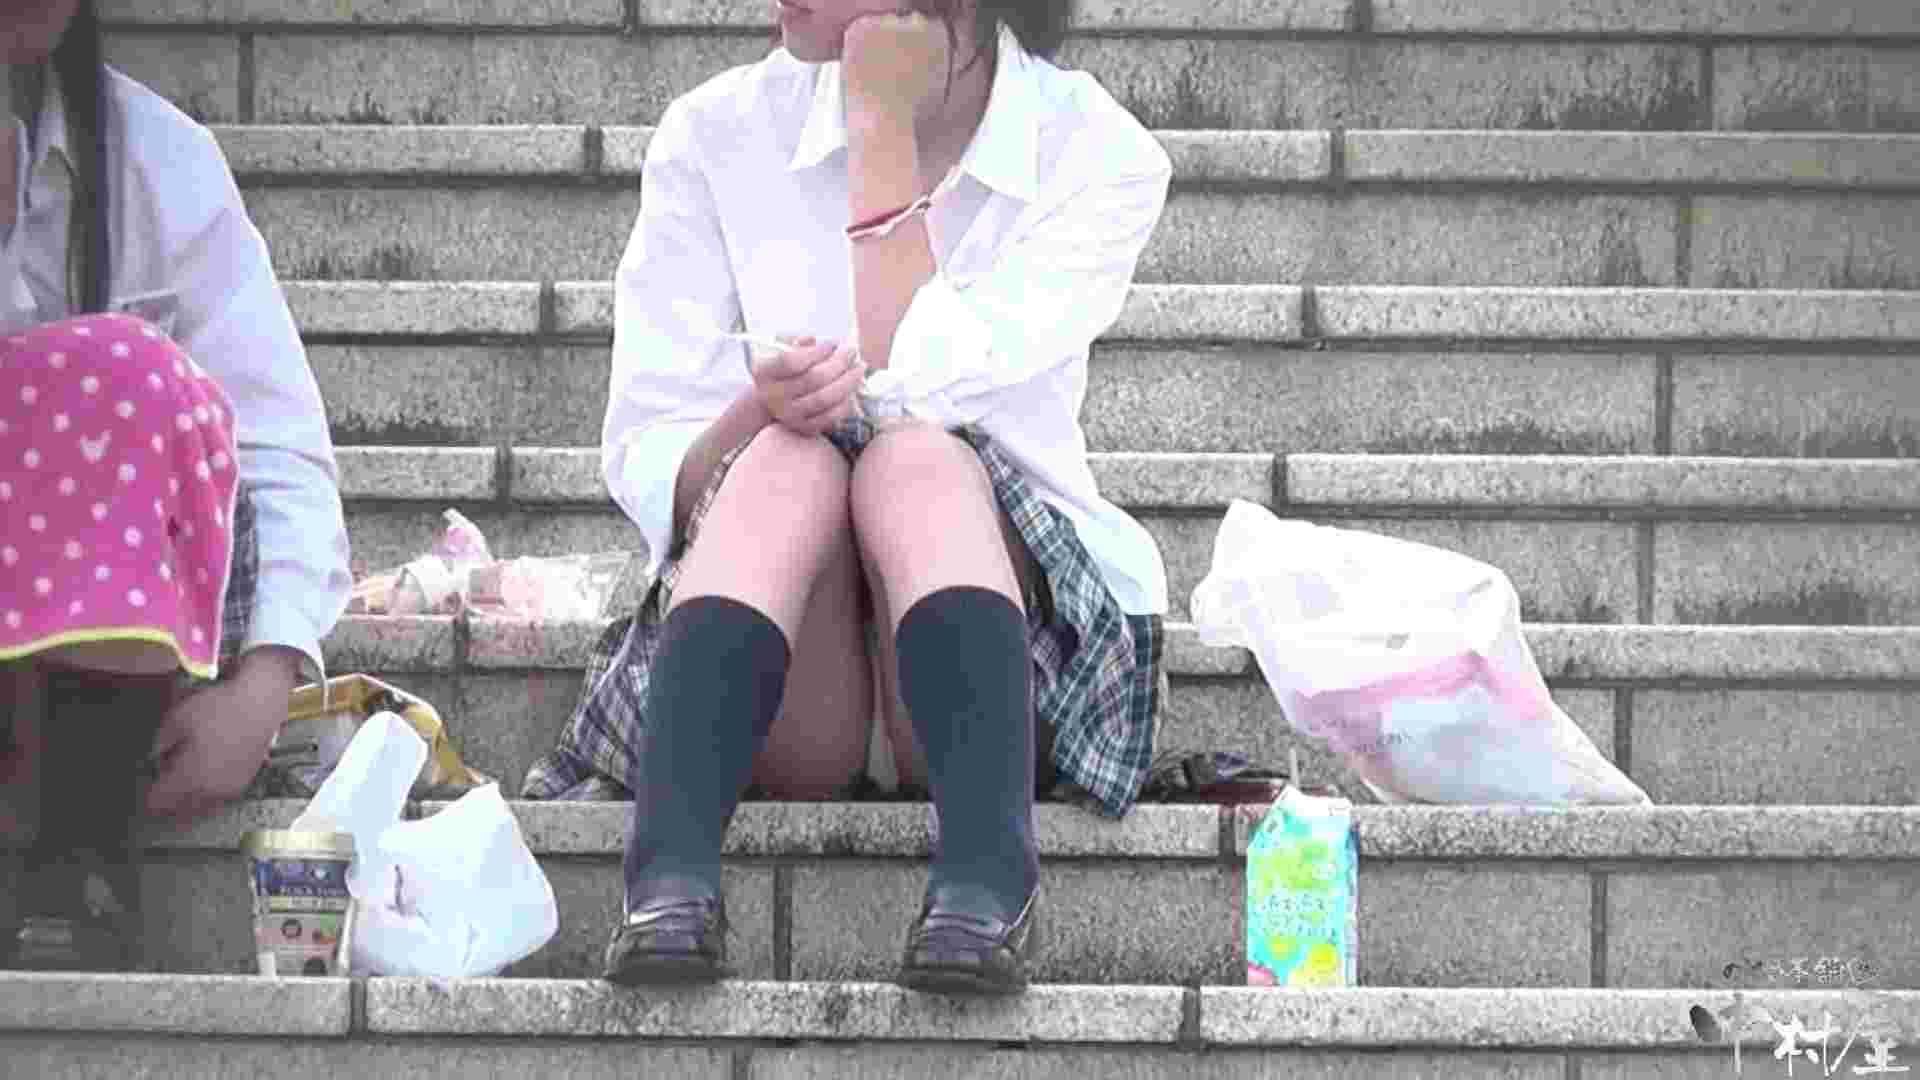 ドキドキ❤新入生パンチラ歓迎会vol.22 チラ | 乙女のエロ動画  77PIX 9